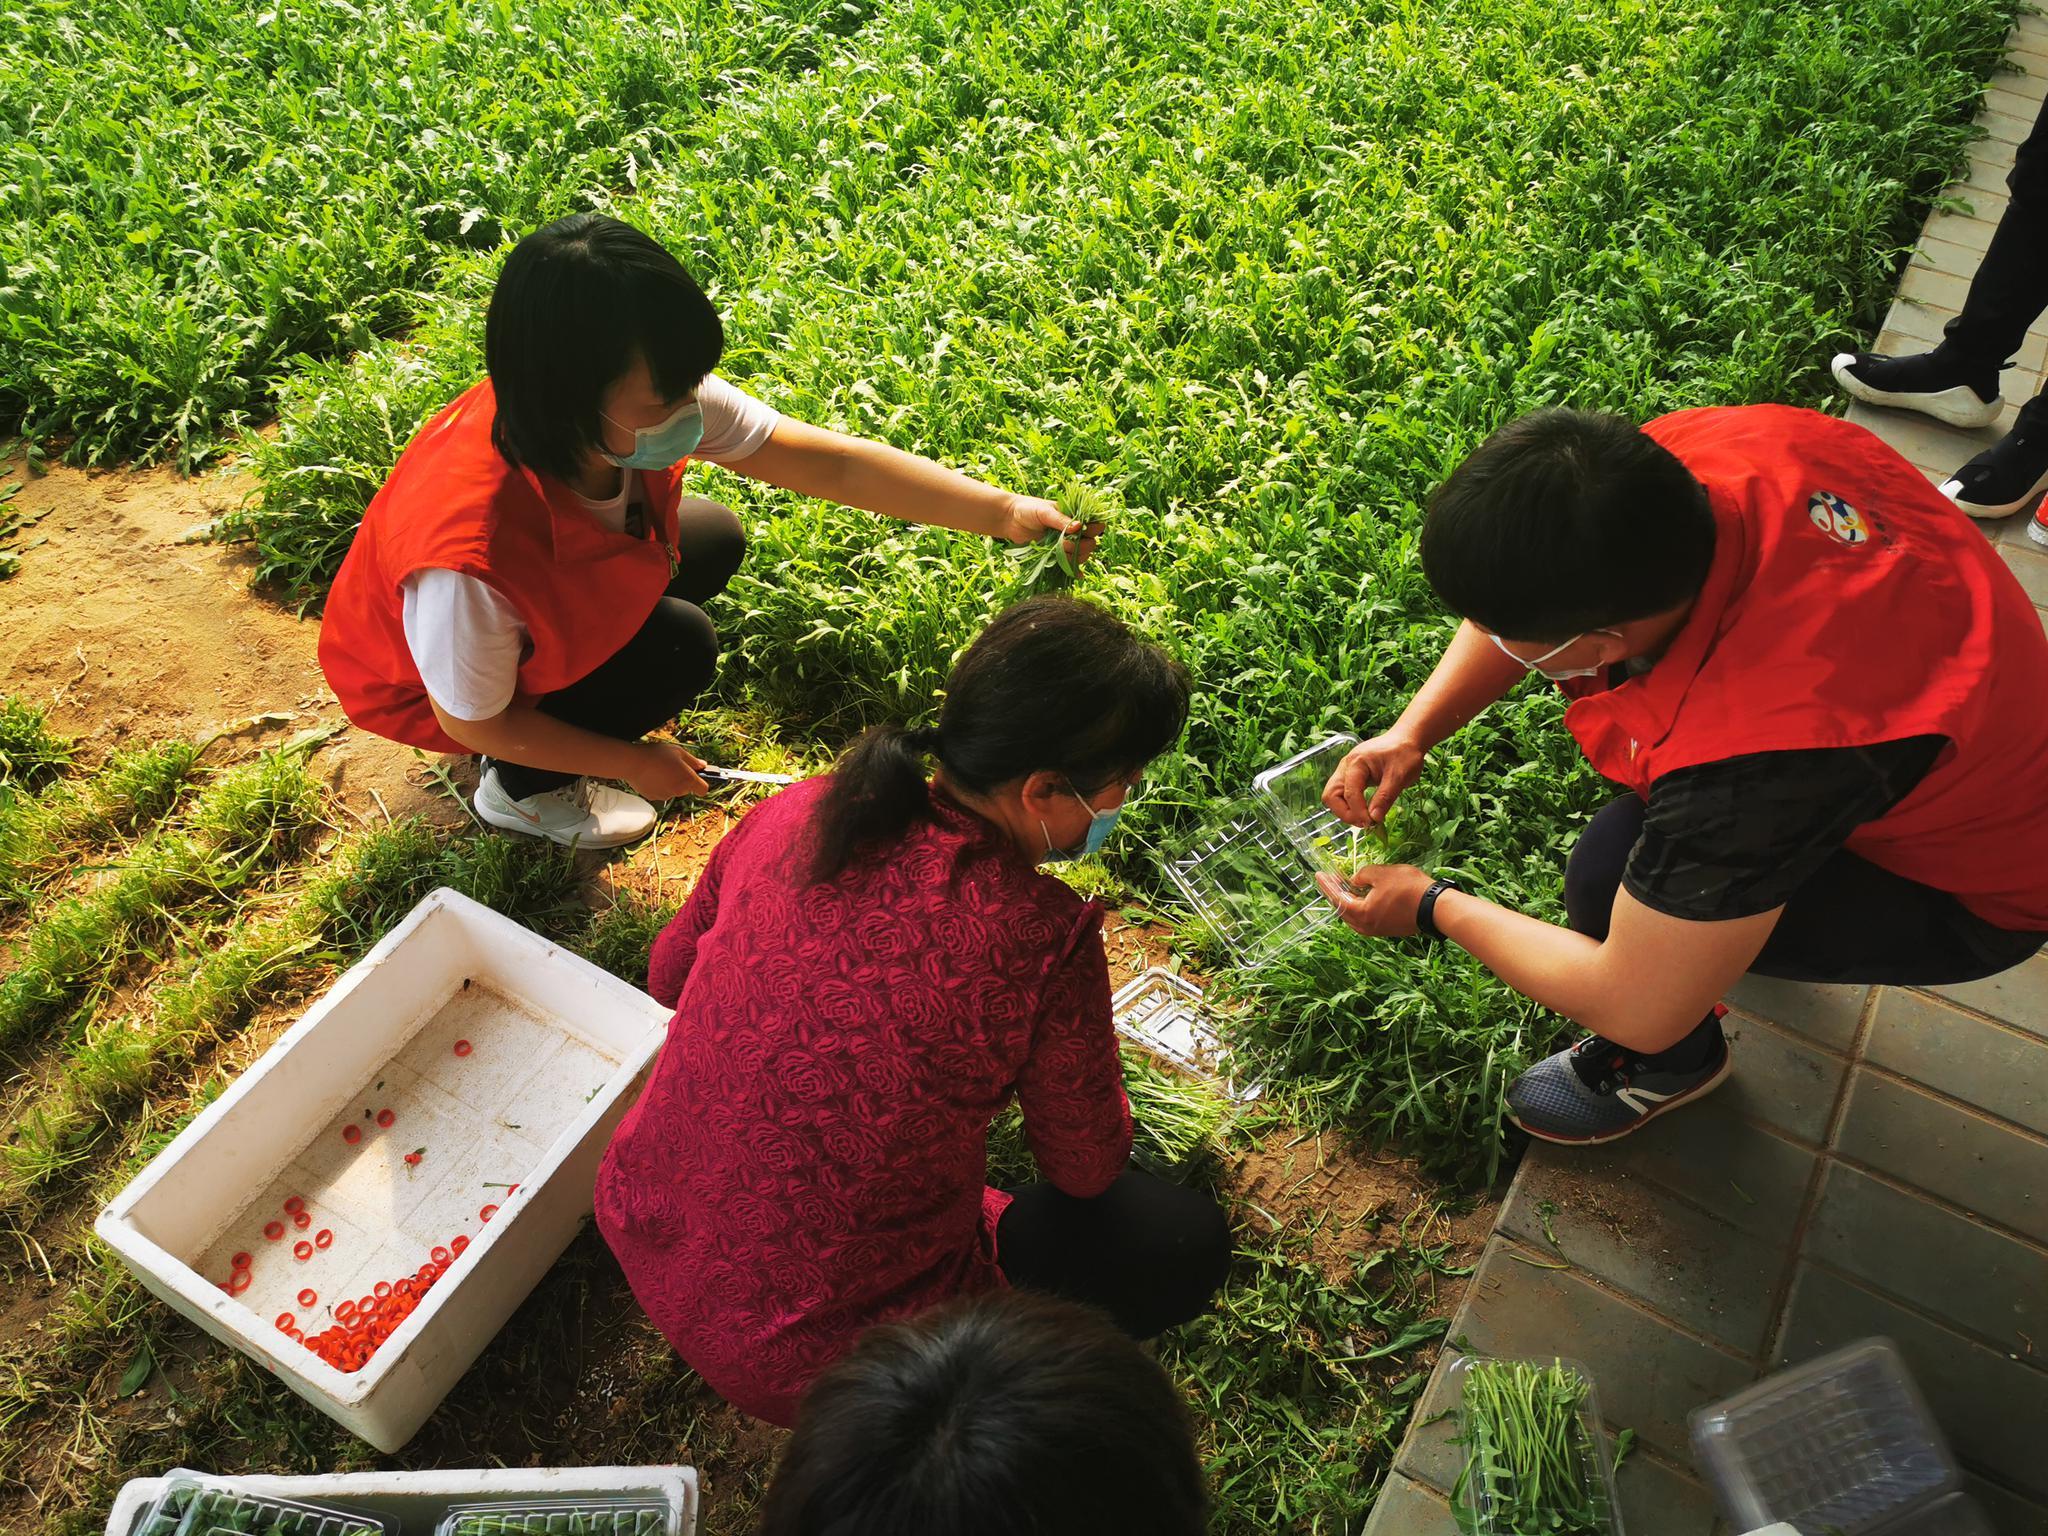 【杏悦登录】农卖出滞销蔬菜40杏悦登录00余图片